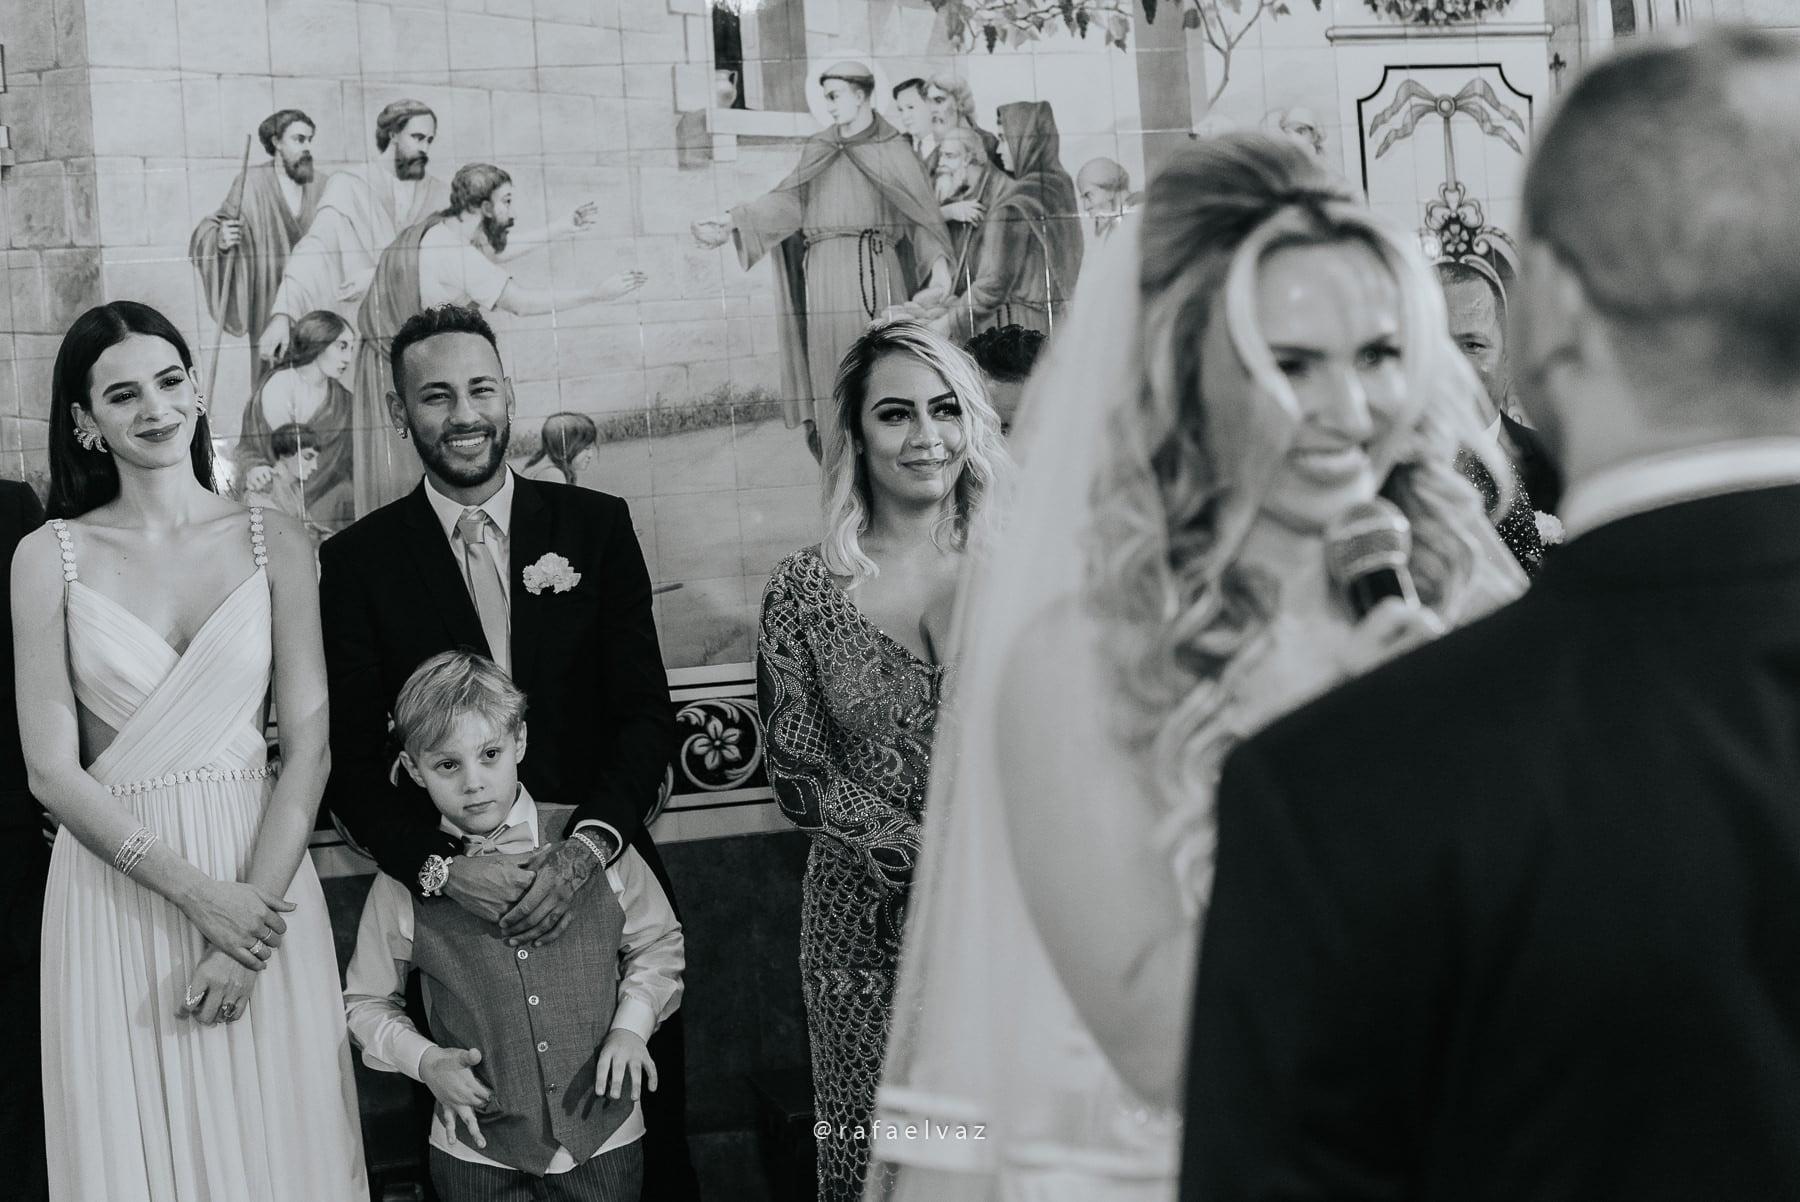 Casamento com neymar, neymar no casamento, casamento gabi e léo, casamento a noite, casamento na igreja, casamento na igreja do valongo, casamento com famoso, casamento com wesley safadão, casamento com safadão, neymar e bruna marquezine, neymar e bruna marquezine no casamento, casamento de jogador de futebol, casamento em santos, Rafael vaz fotografia, fotógrafo de famosos, david brasil, casamento de famosos, casamento do léo do santos, neymar e bruna marquezine padrinhos